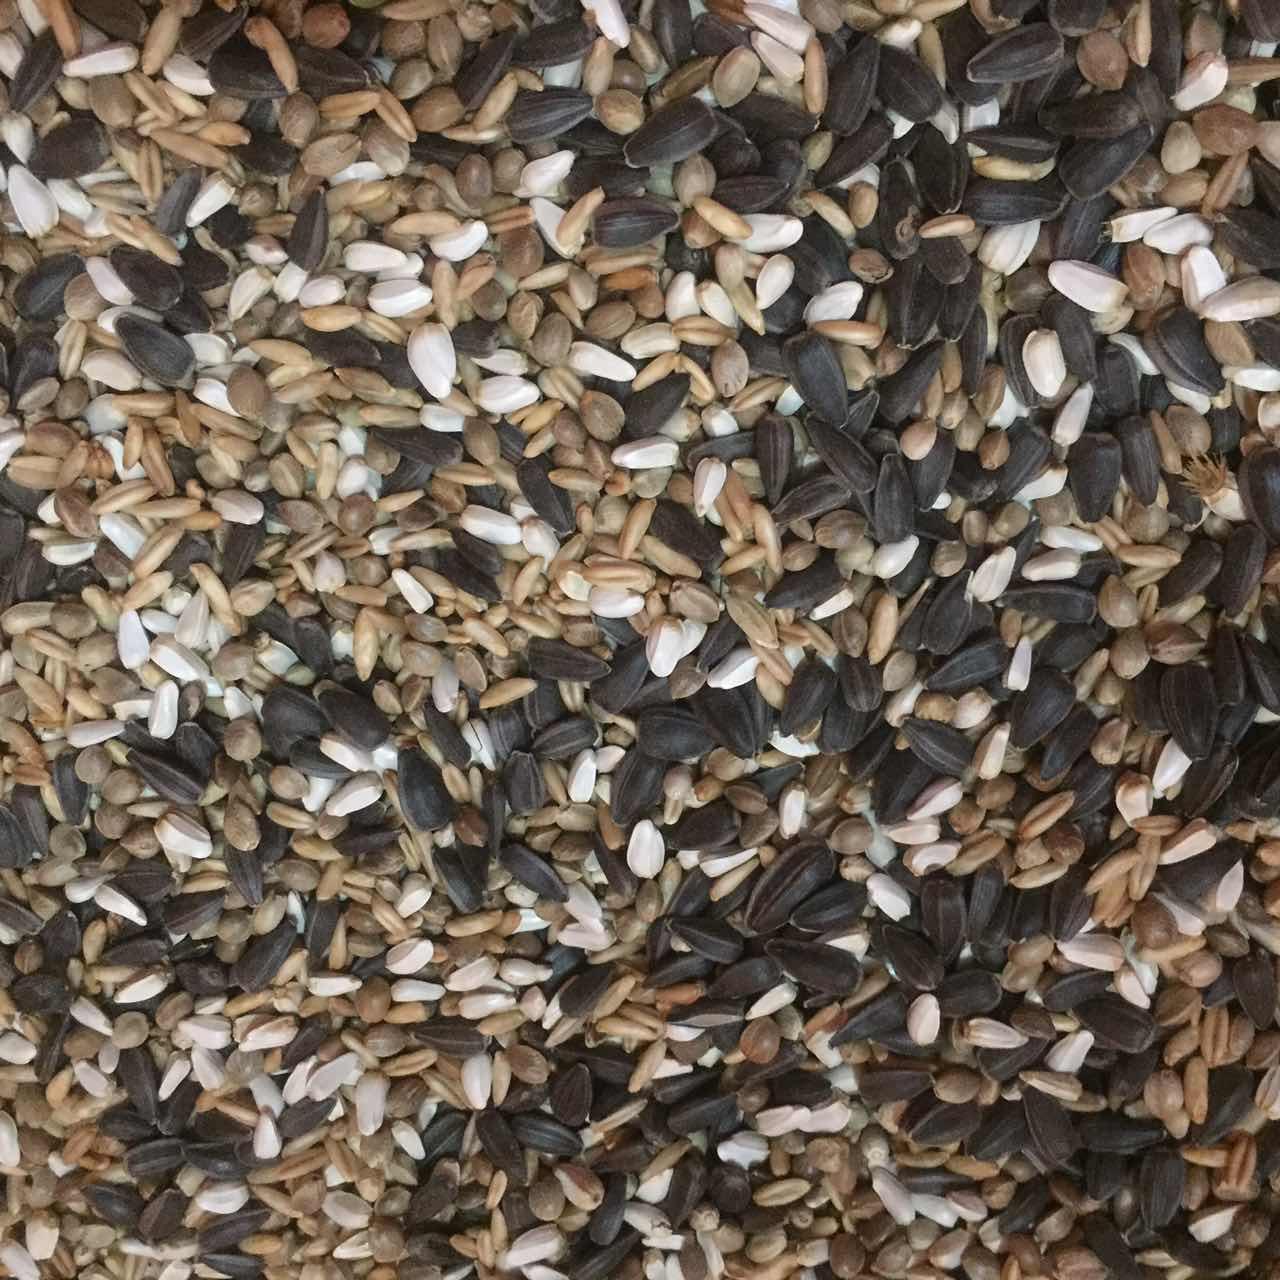 小型の太陽のオウムのハイブリッドの食糧の5斤の全国は真空を郵送して酸素除去剤の鳥を連れてえさを食べて支えます。